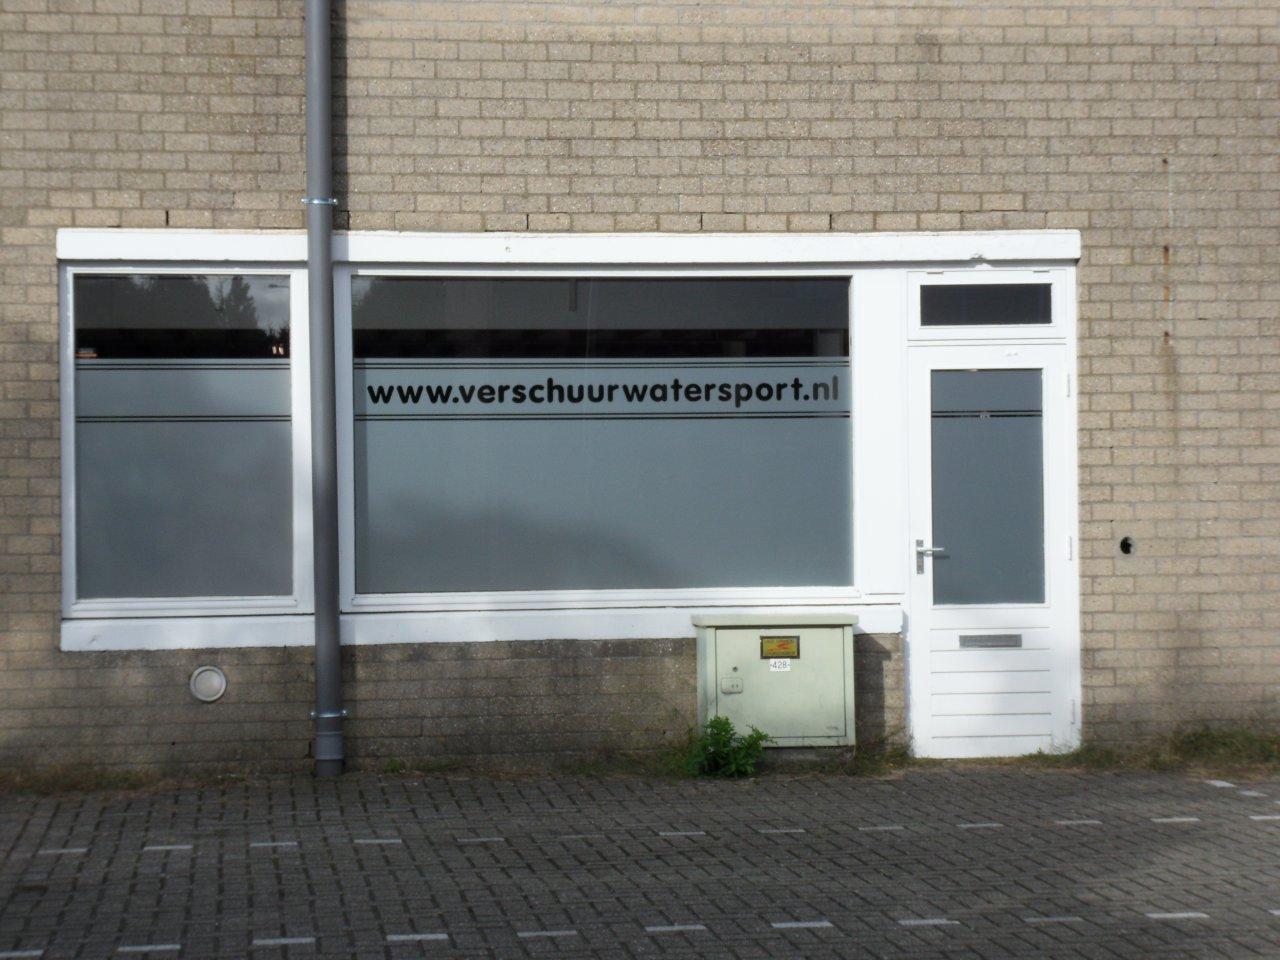 Kosten Sloop Badkamer ~ Voorbeeld Foto?s  RaamfolieBestellen nl (PLAKhetzelf nl) Raamfolie